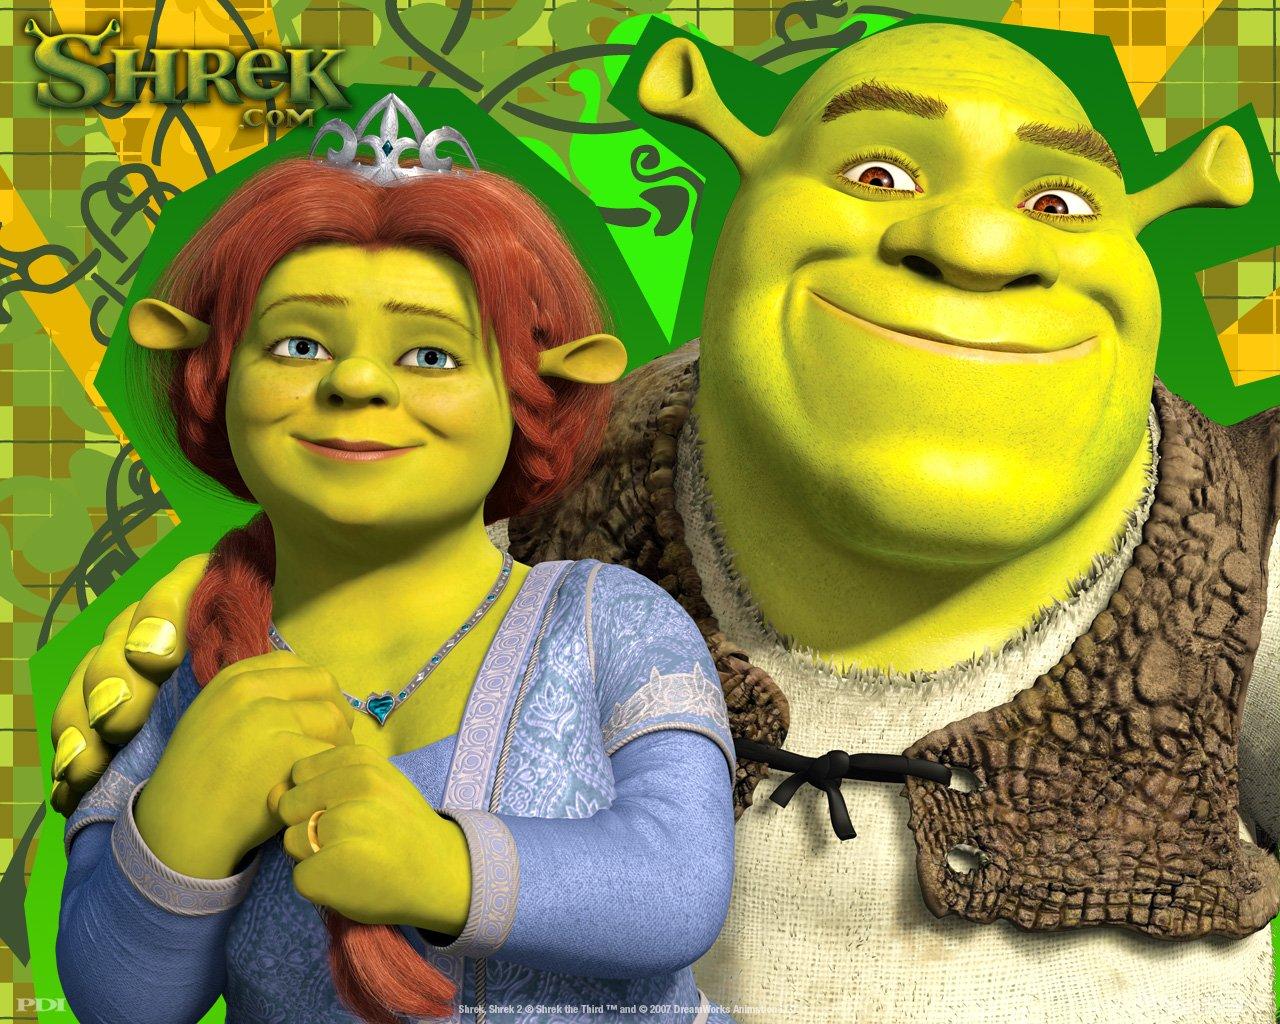 Poranek filmowy dla najmłodszych - Shrek